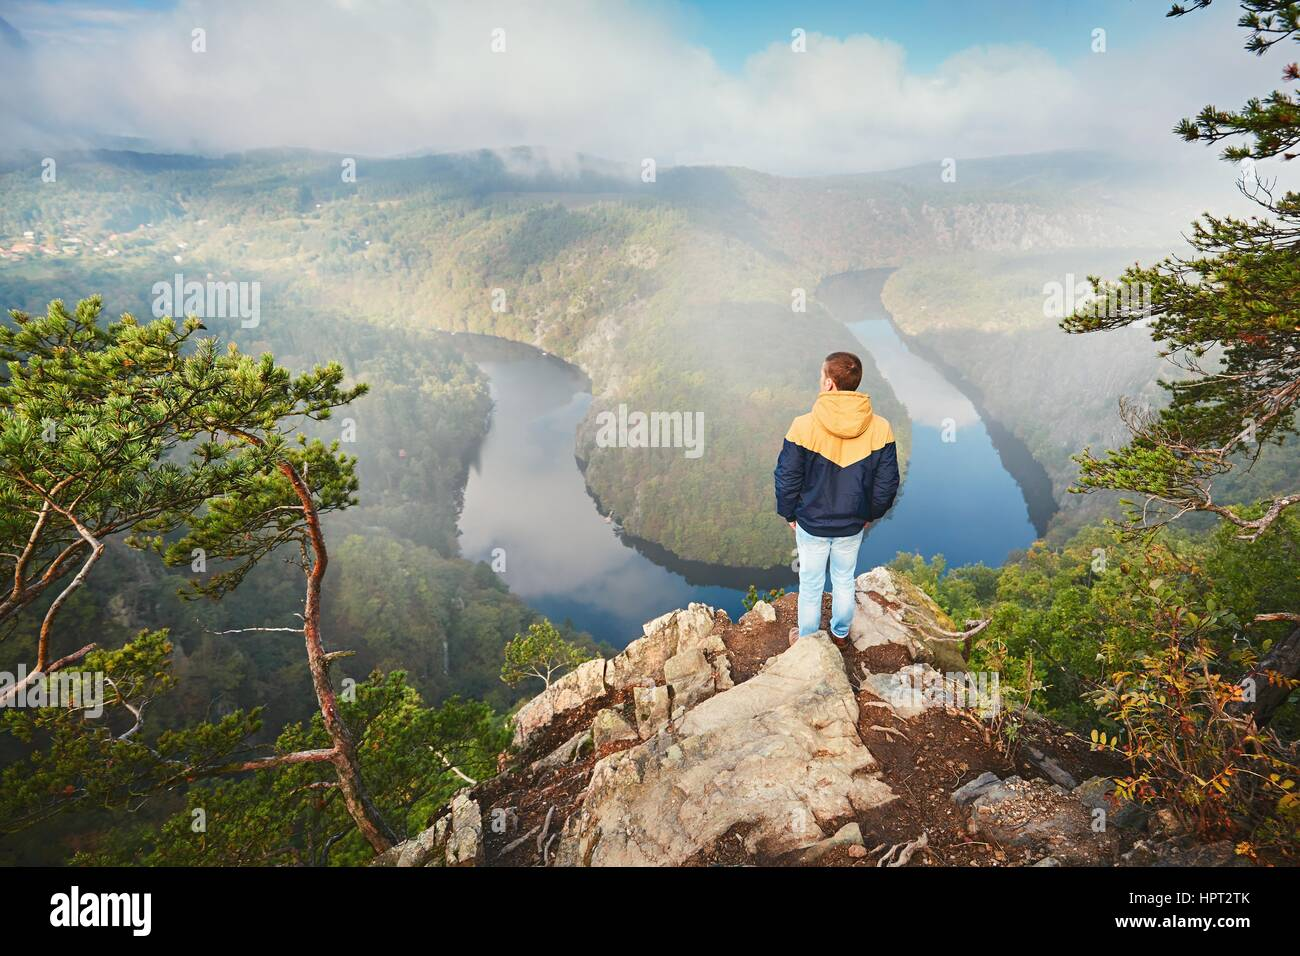 Meilleur sur le haut de la roche. Jeune homme bénéficiant de vue sur la vallée de la rivière Photo Stock